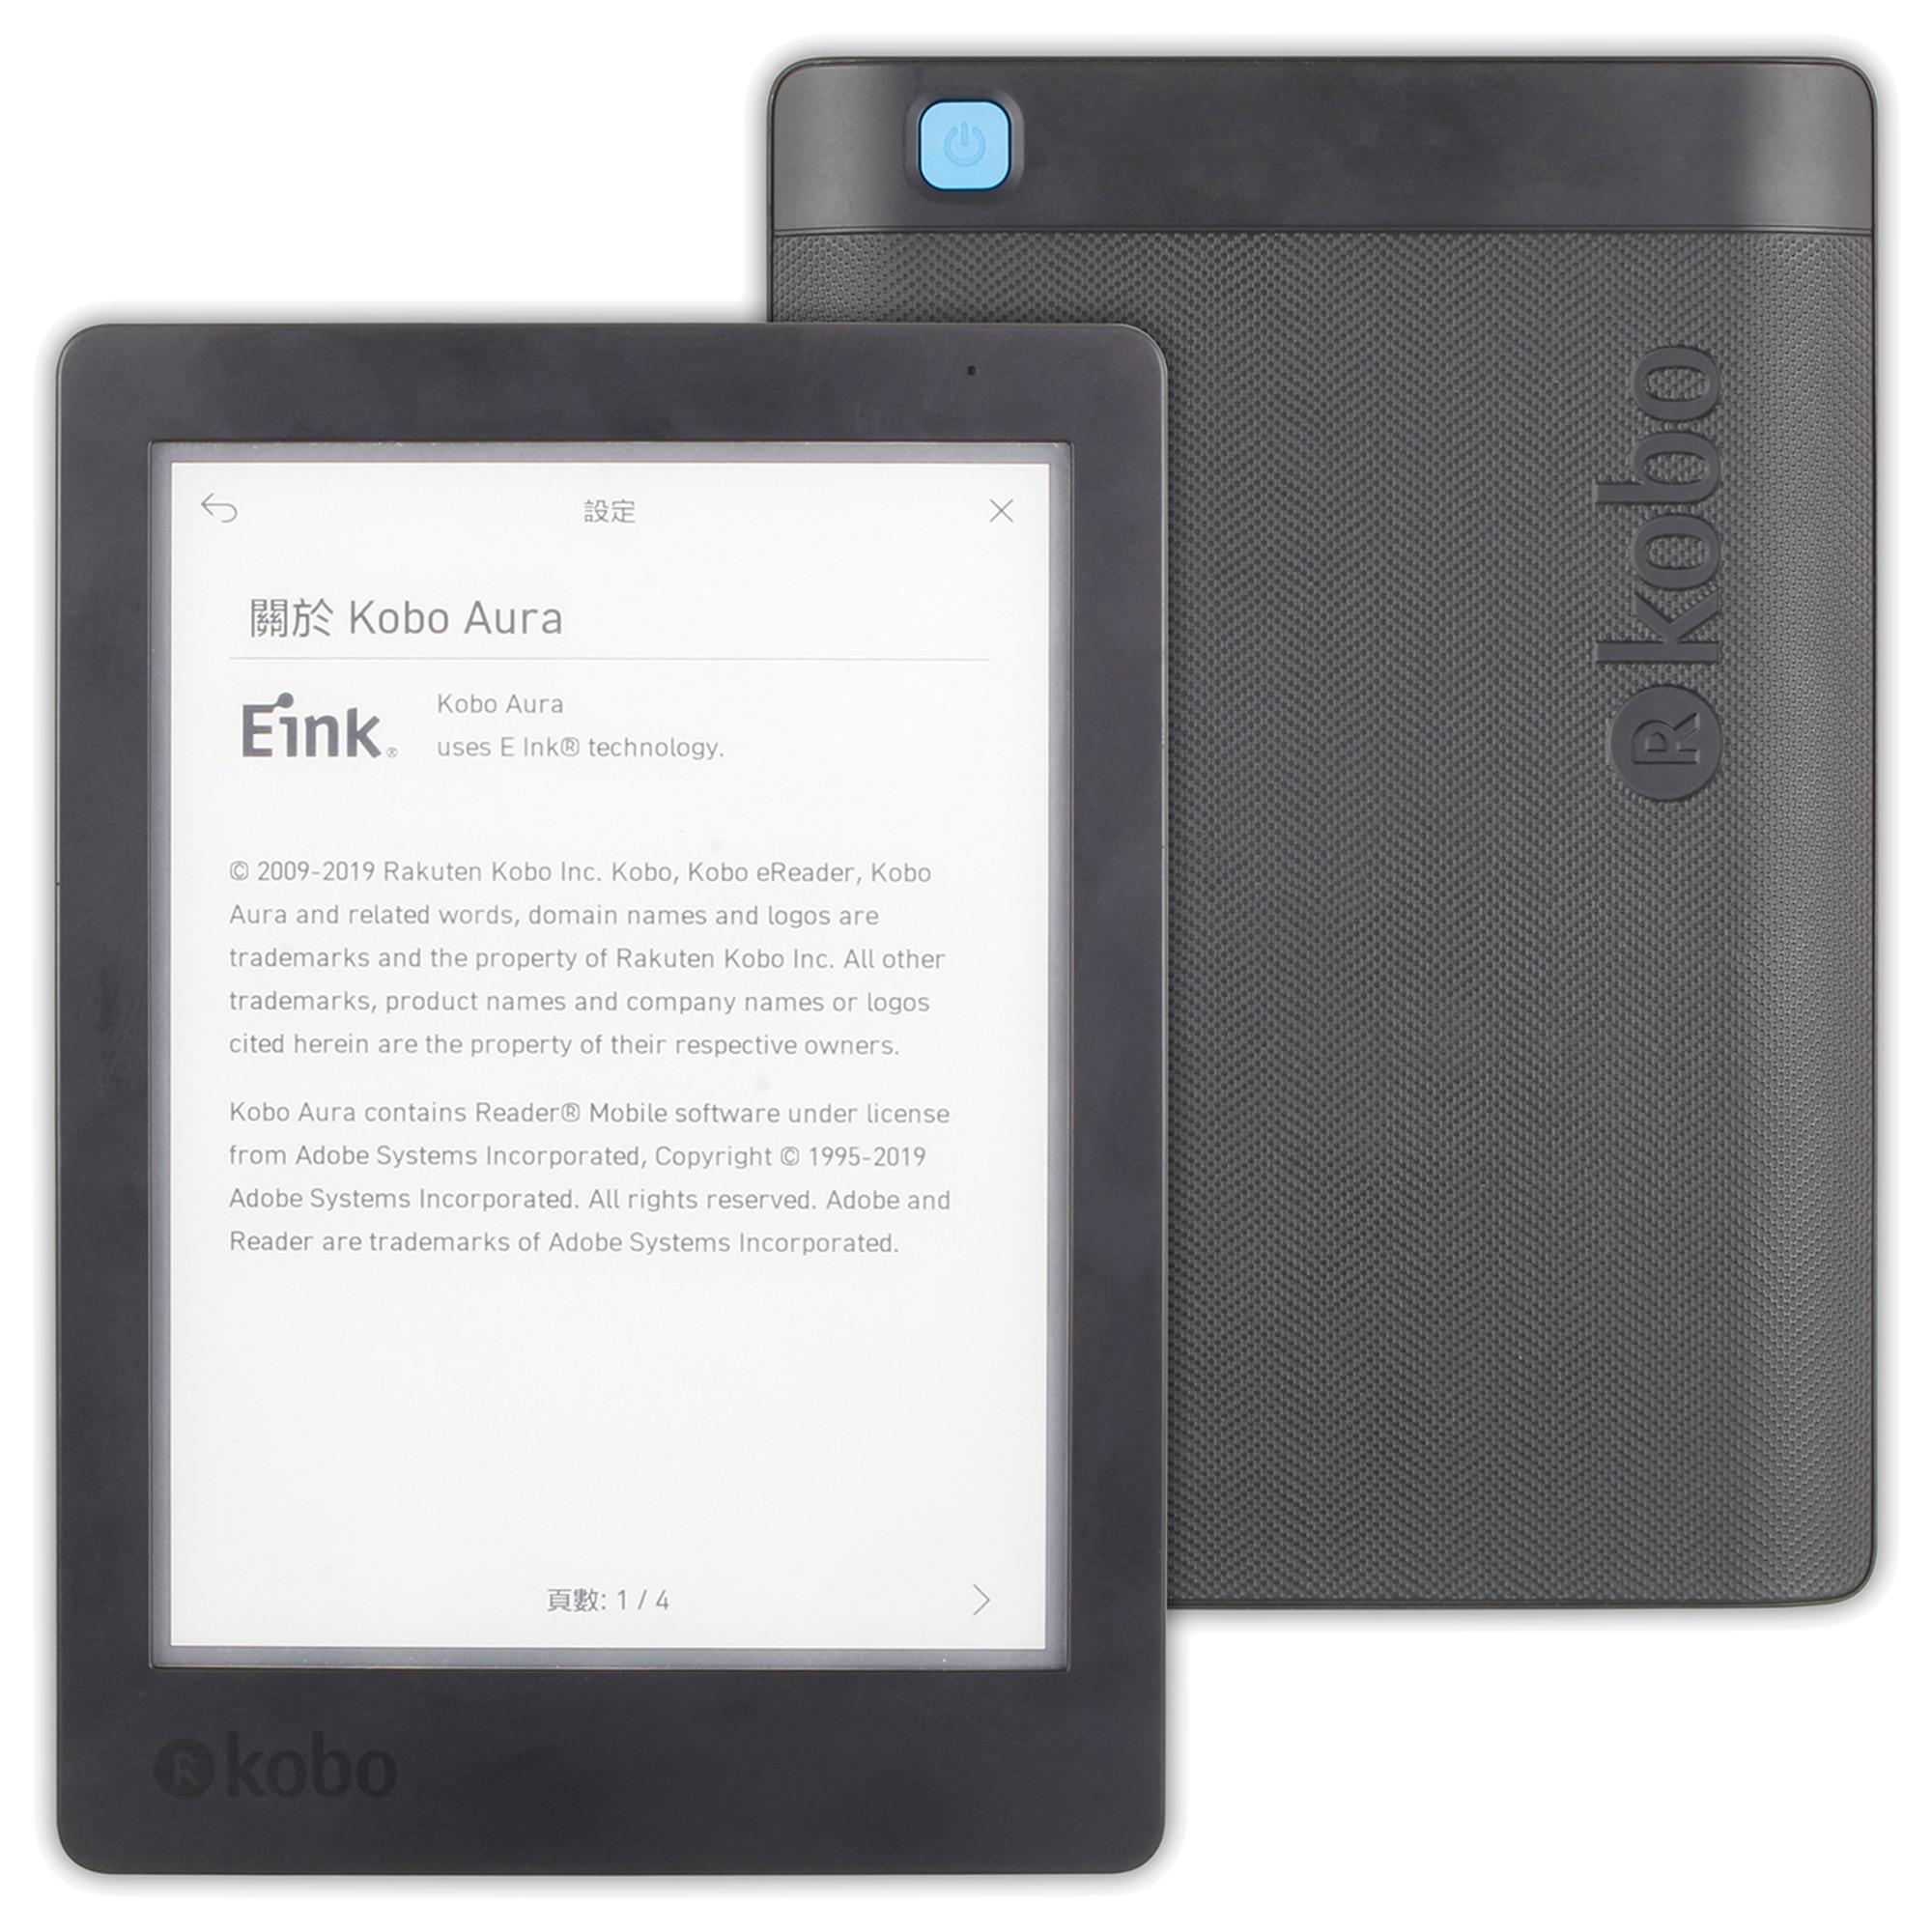 Электронная книга Kobo Aura Edition 2 ebook reader cta e-ink 6 дюймов разрешение 1024x768 имеет светильник 212 ppi e Book Reader WiFi 4 Гб памяти